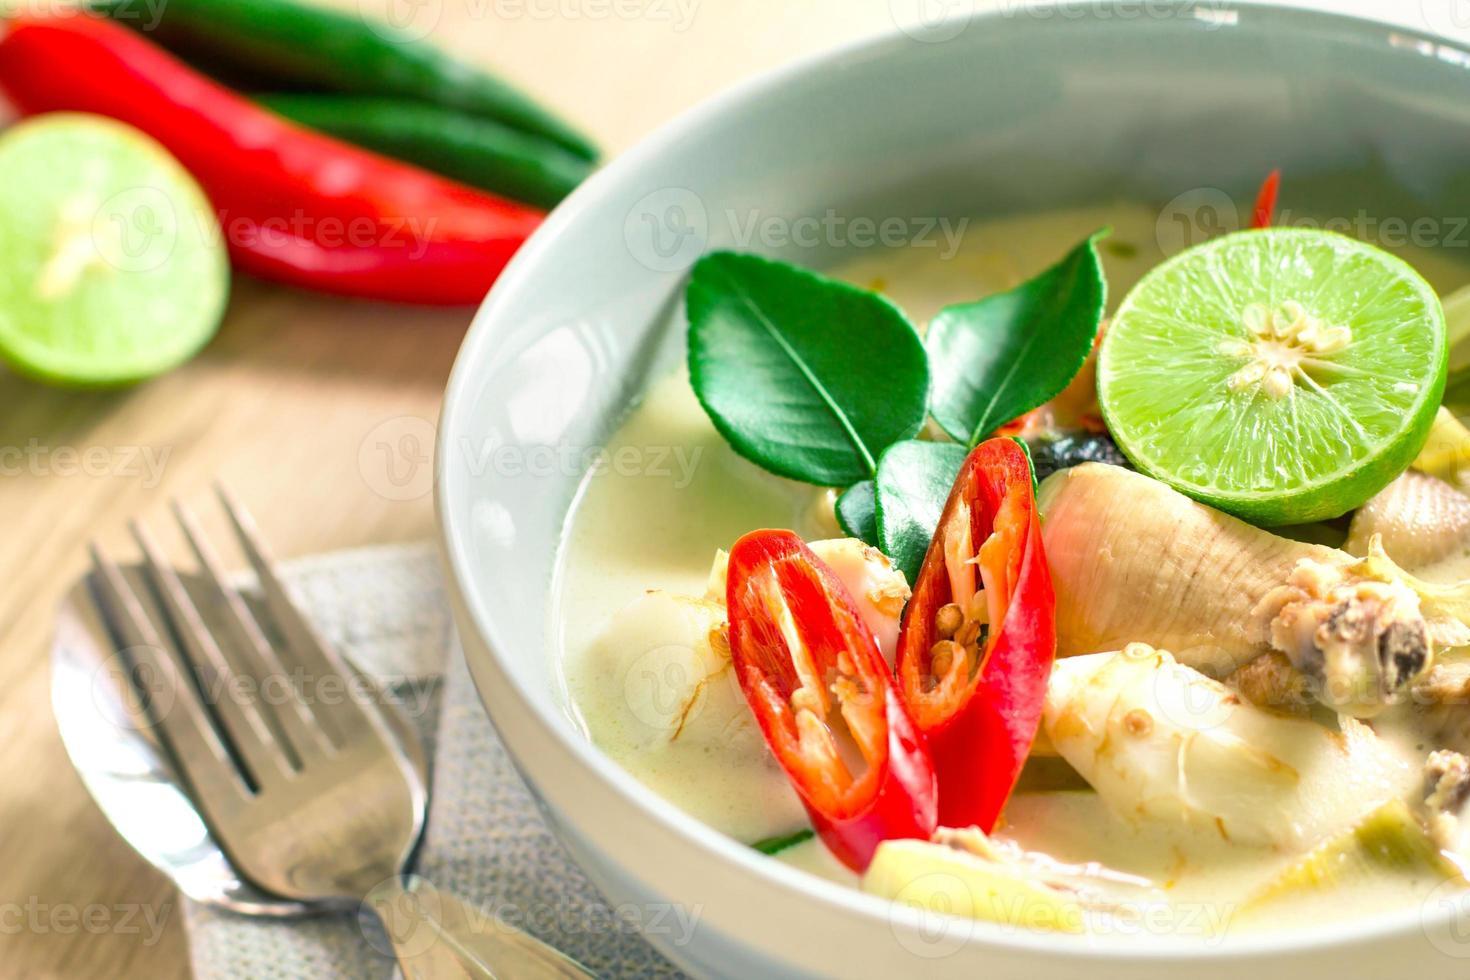 würzige cremige Kokosnusssuppe mit Hühnchen, thailändischem Essen foto